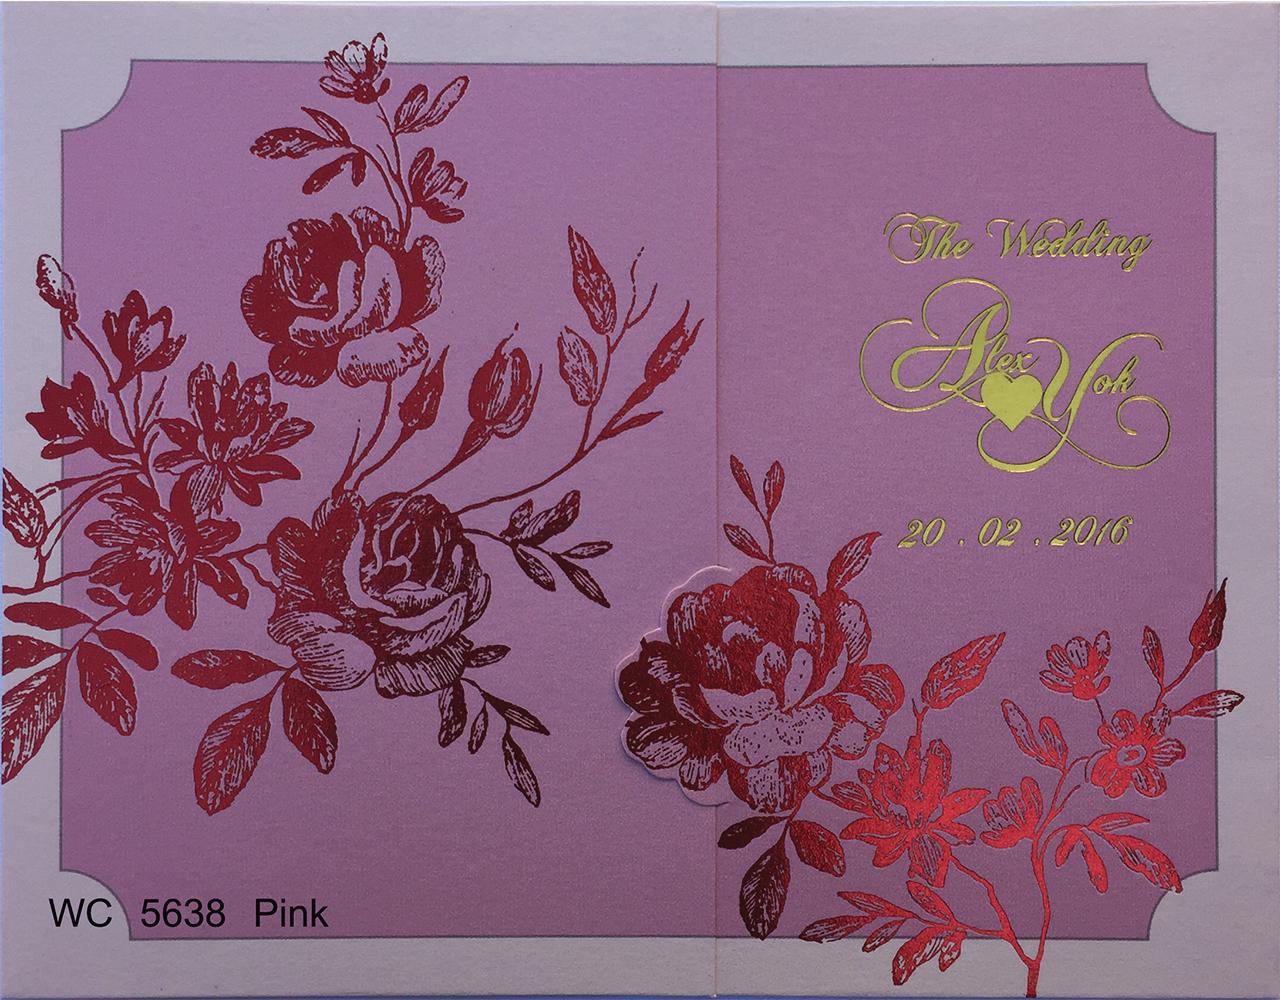 การ์ดแต่งงาน 6.5×5 inch WC 5638 Pink